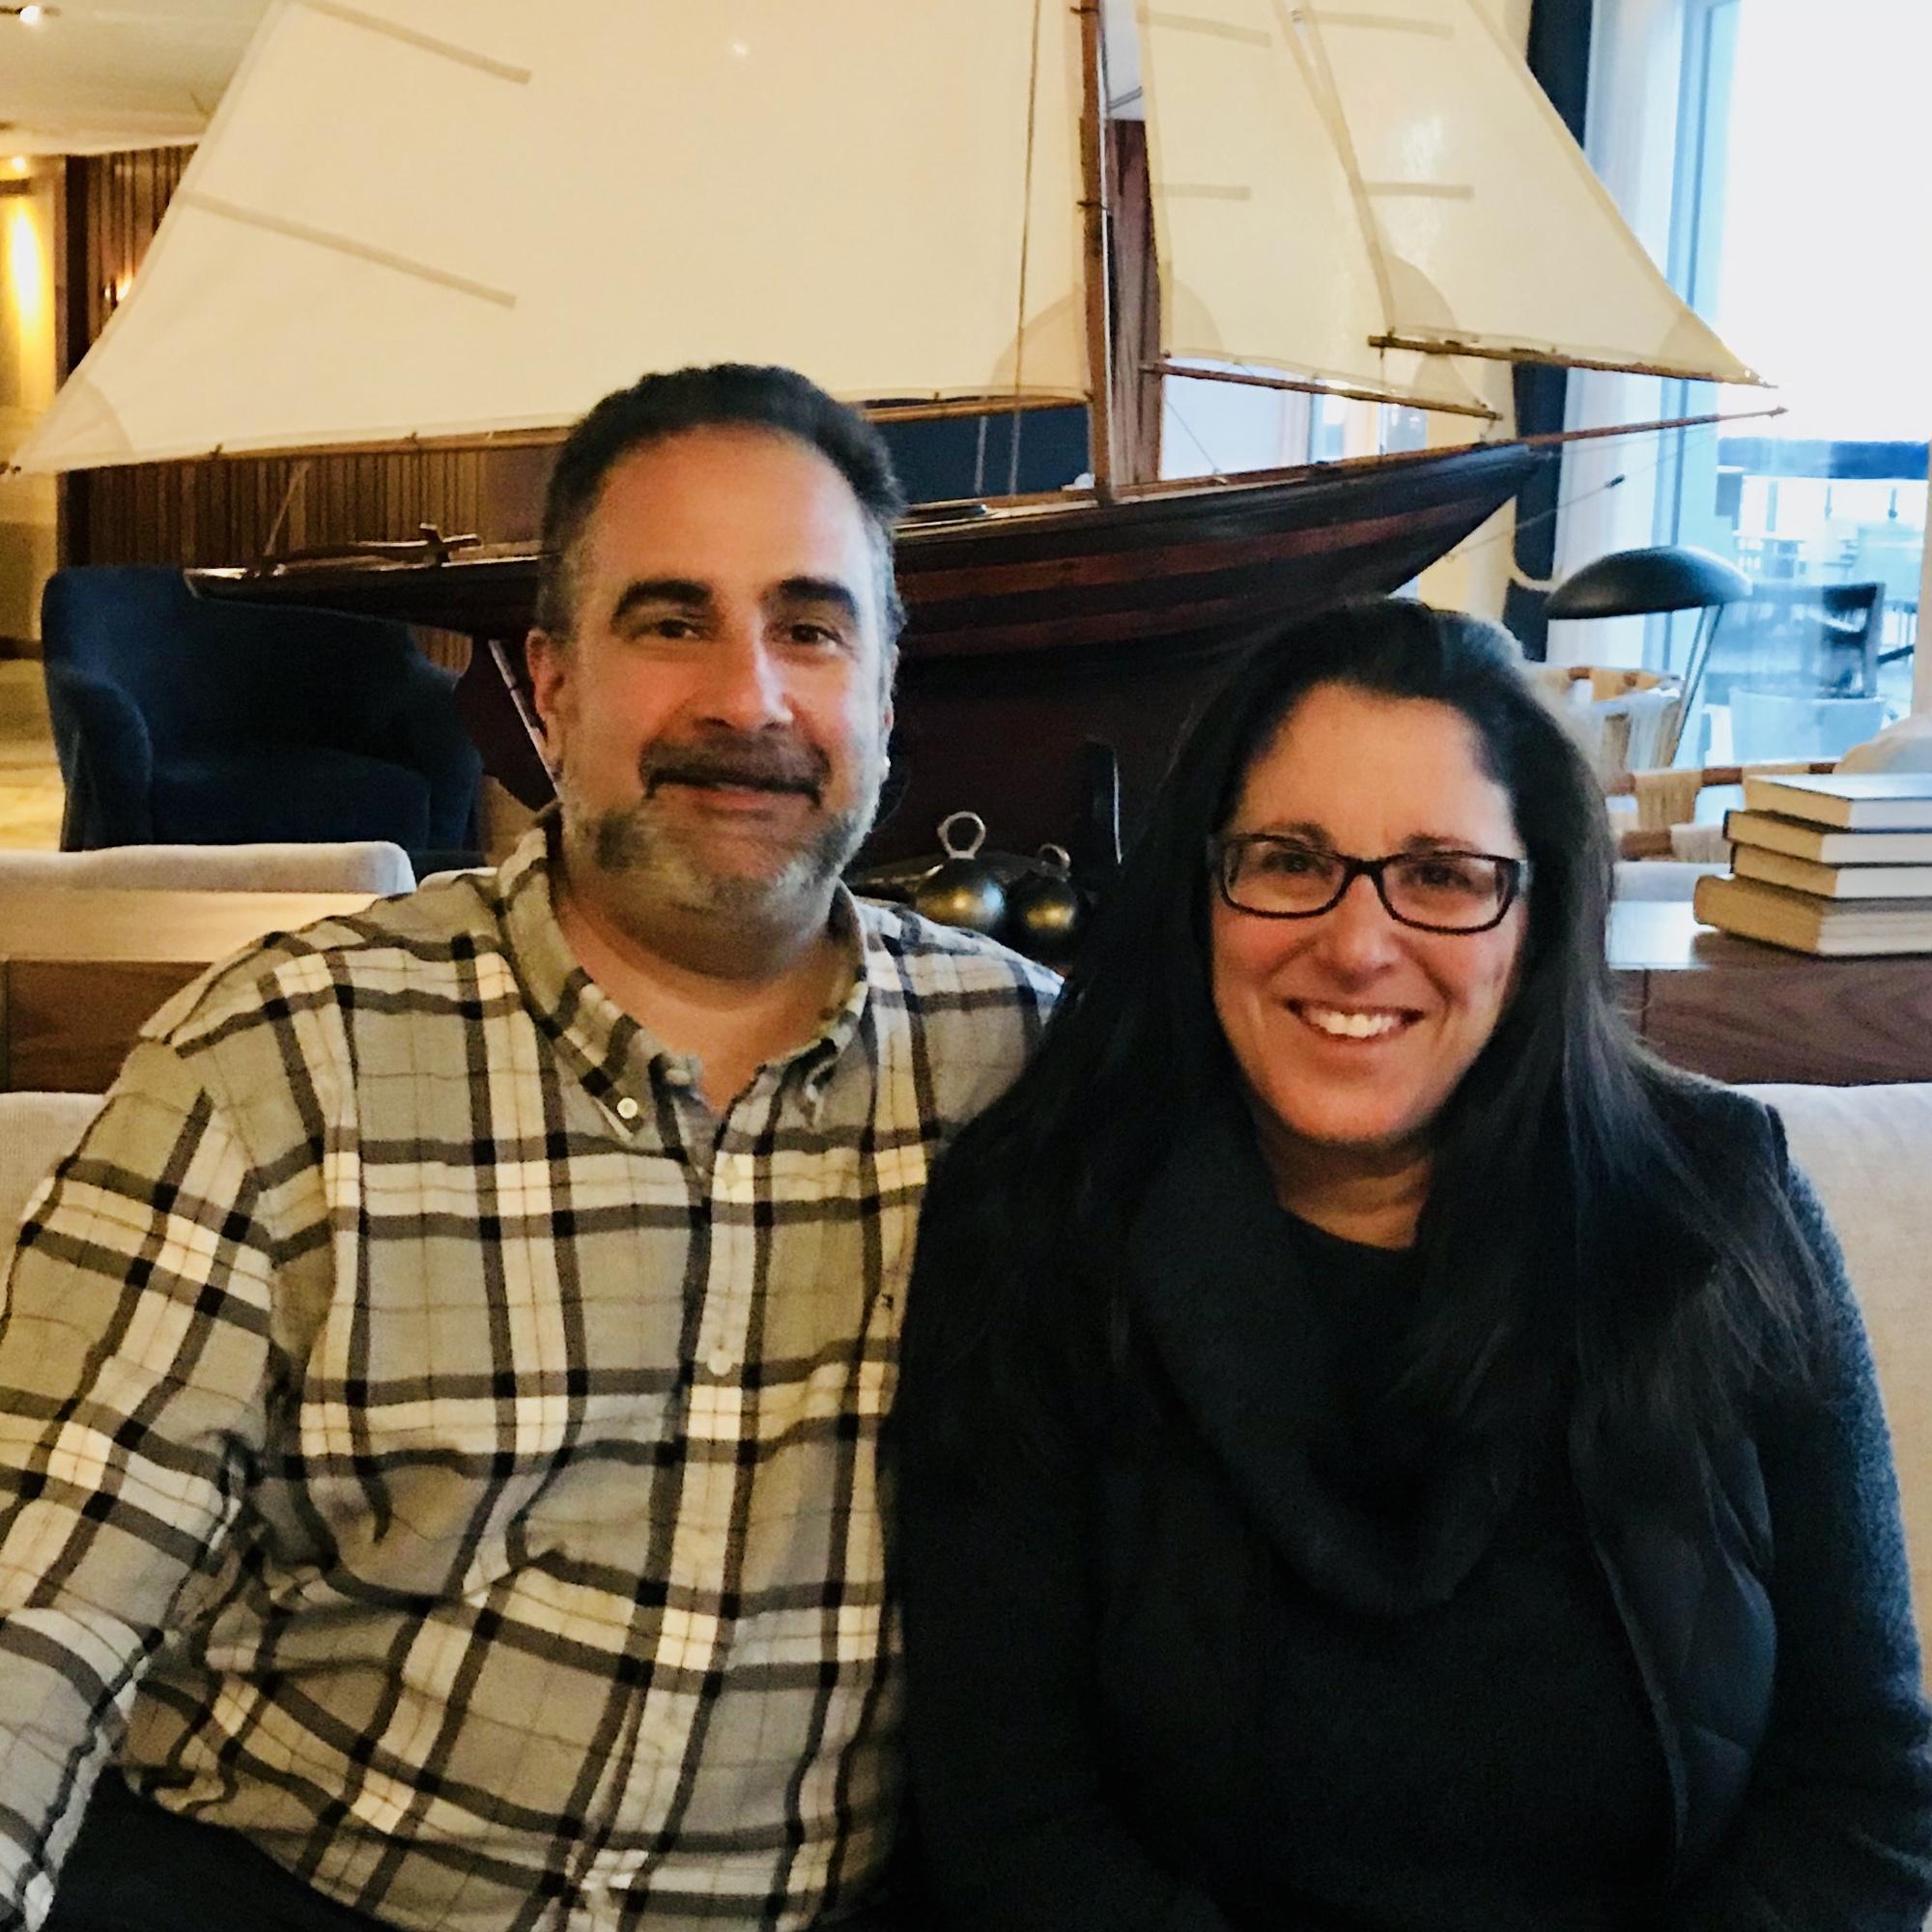 John & Sue Parisi